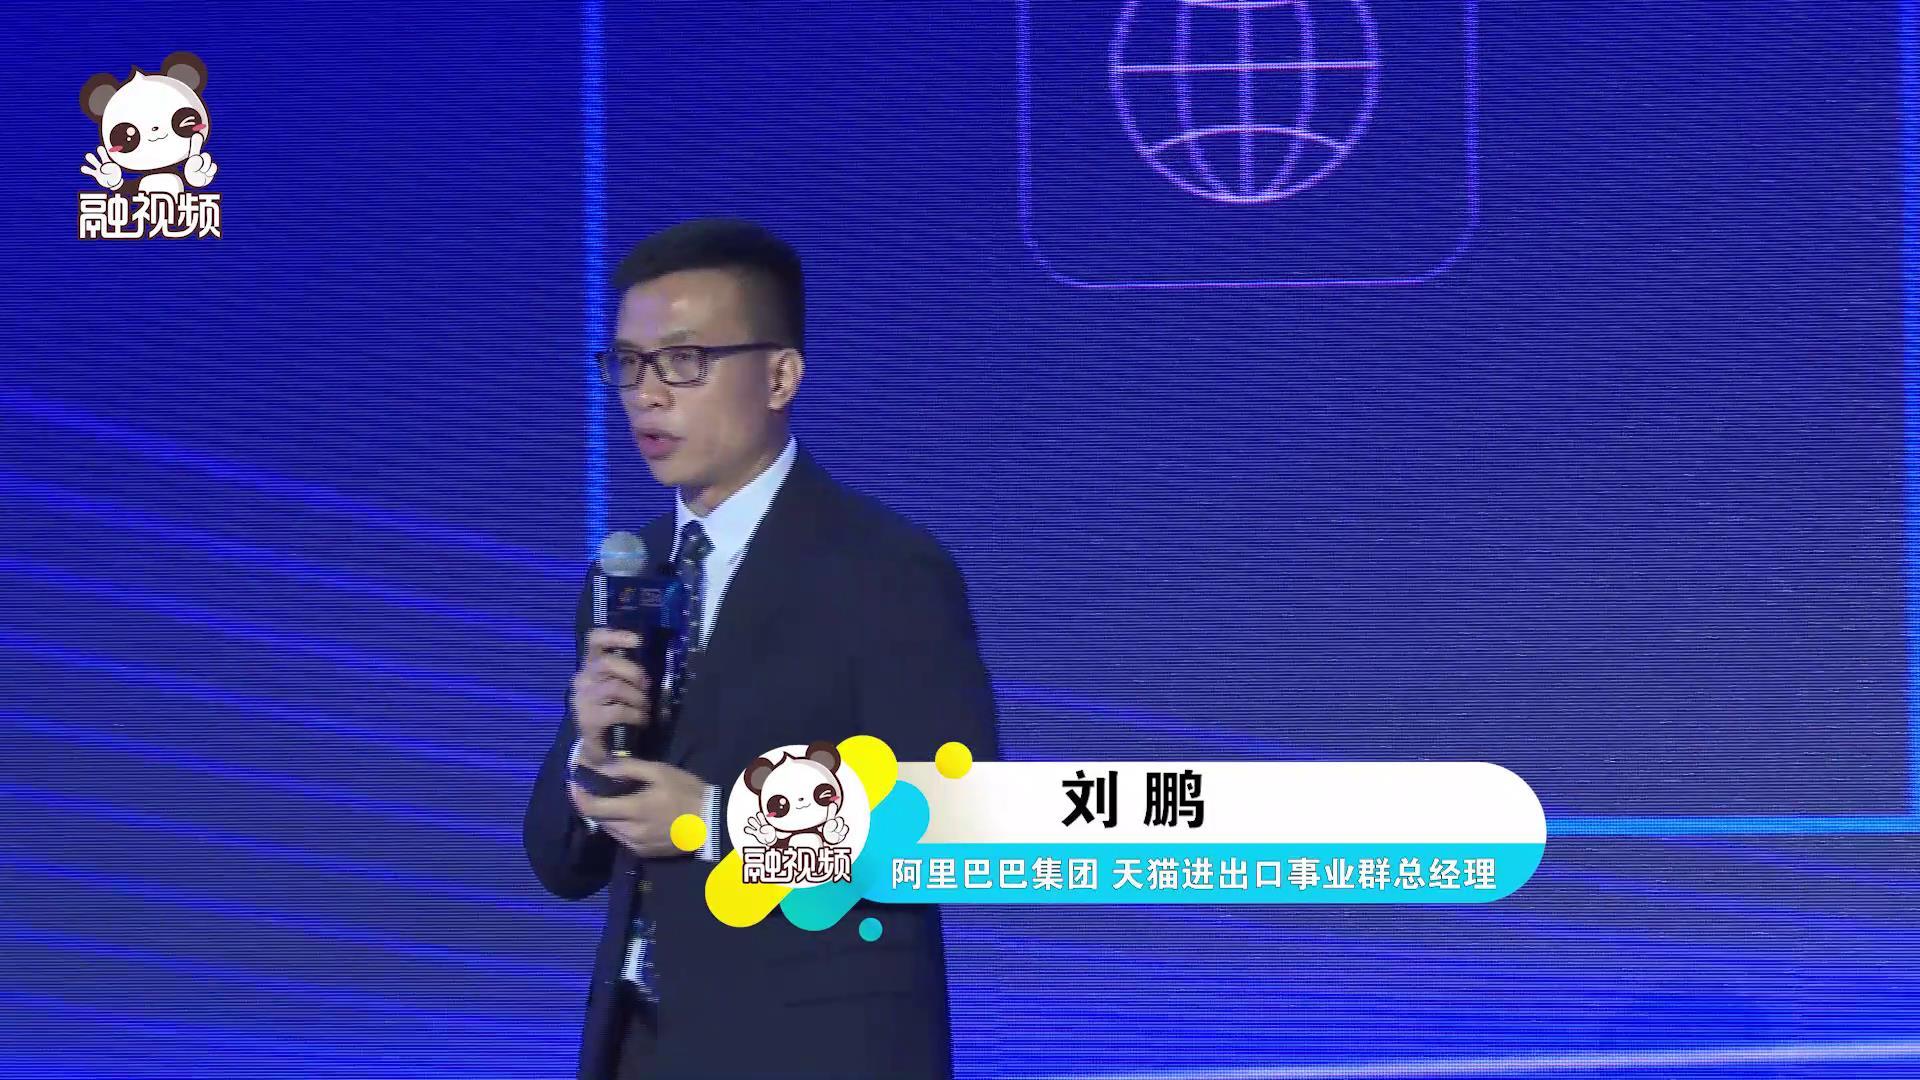 天猫进出口事业群总经理刘鹏:愿与台商共同探索如何使短效期商品更好的进入大陆市场图片